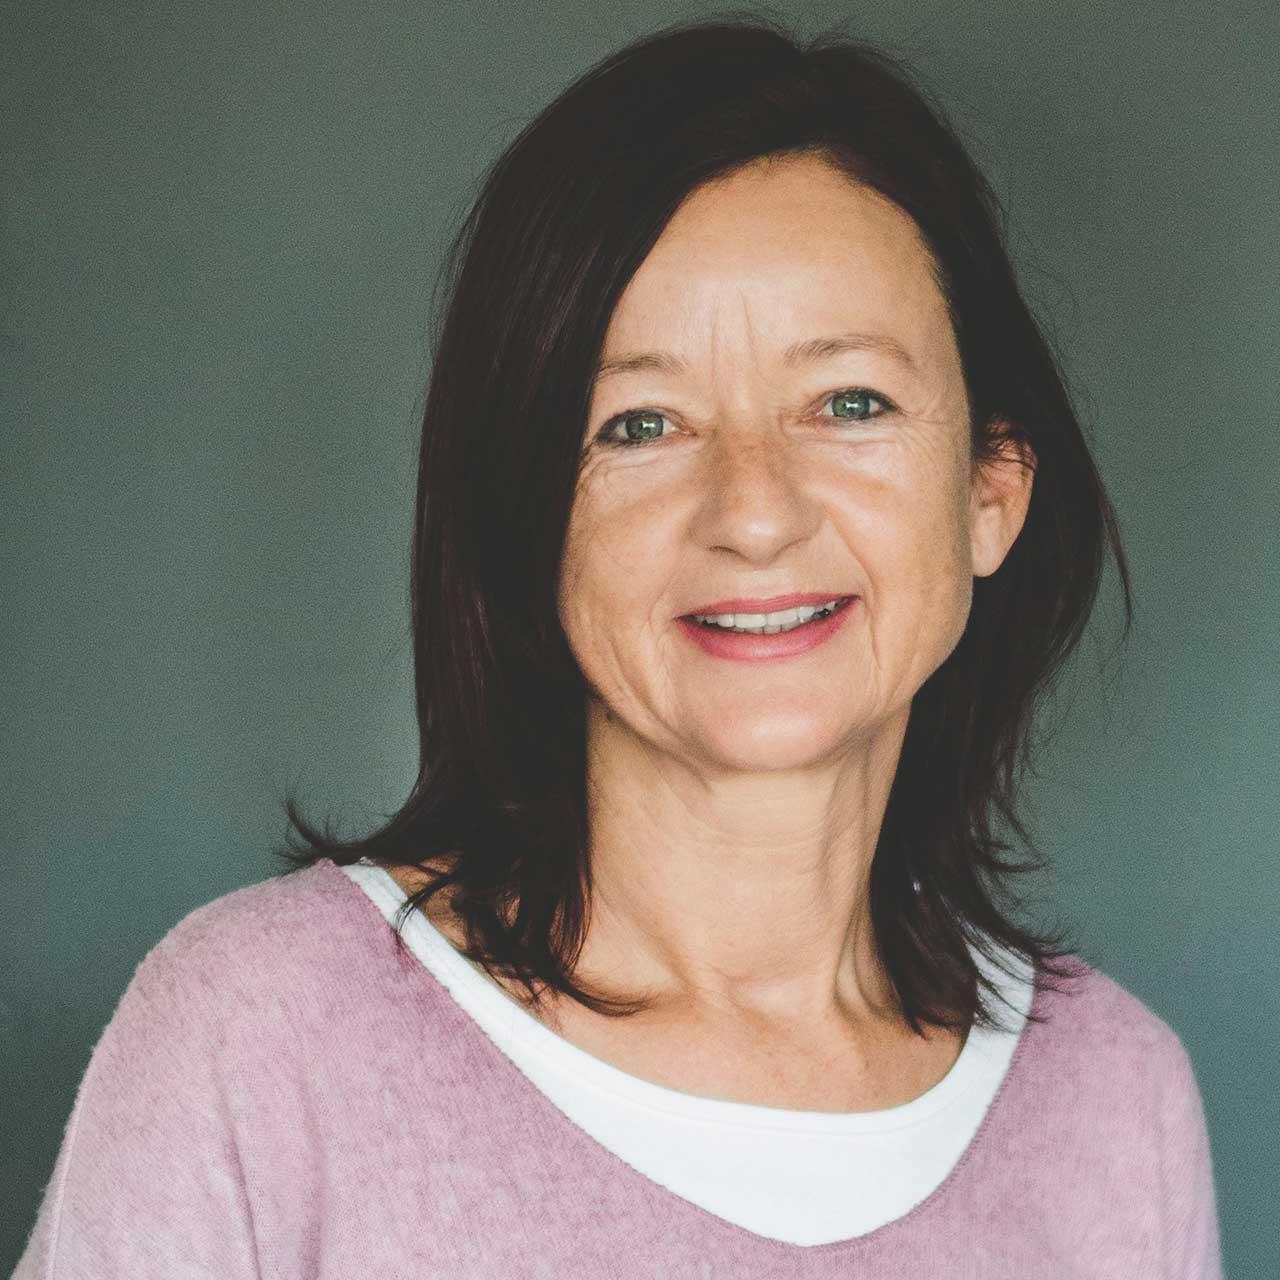 Hilde Enzinger | Kassier-Stellvertreterin des 1. C.A.R. Team Ferlach